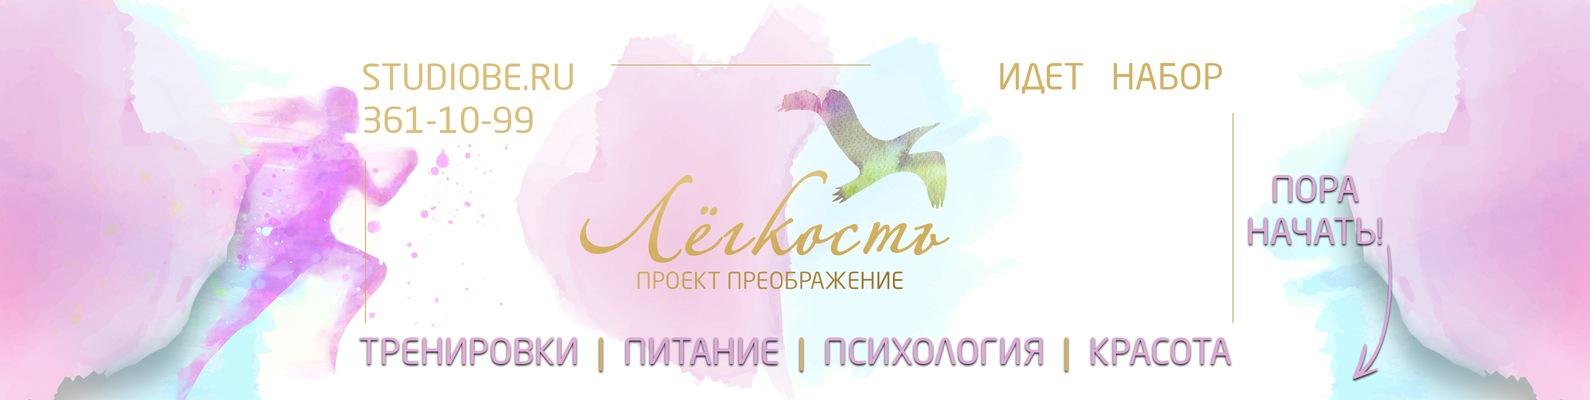 Проект По Похудению В Екатеринбурге.